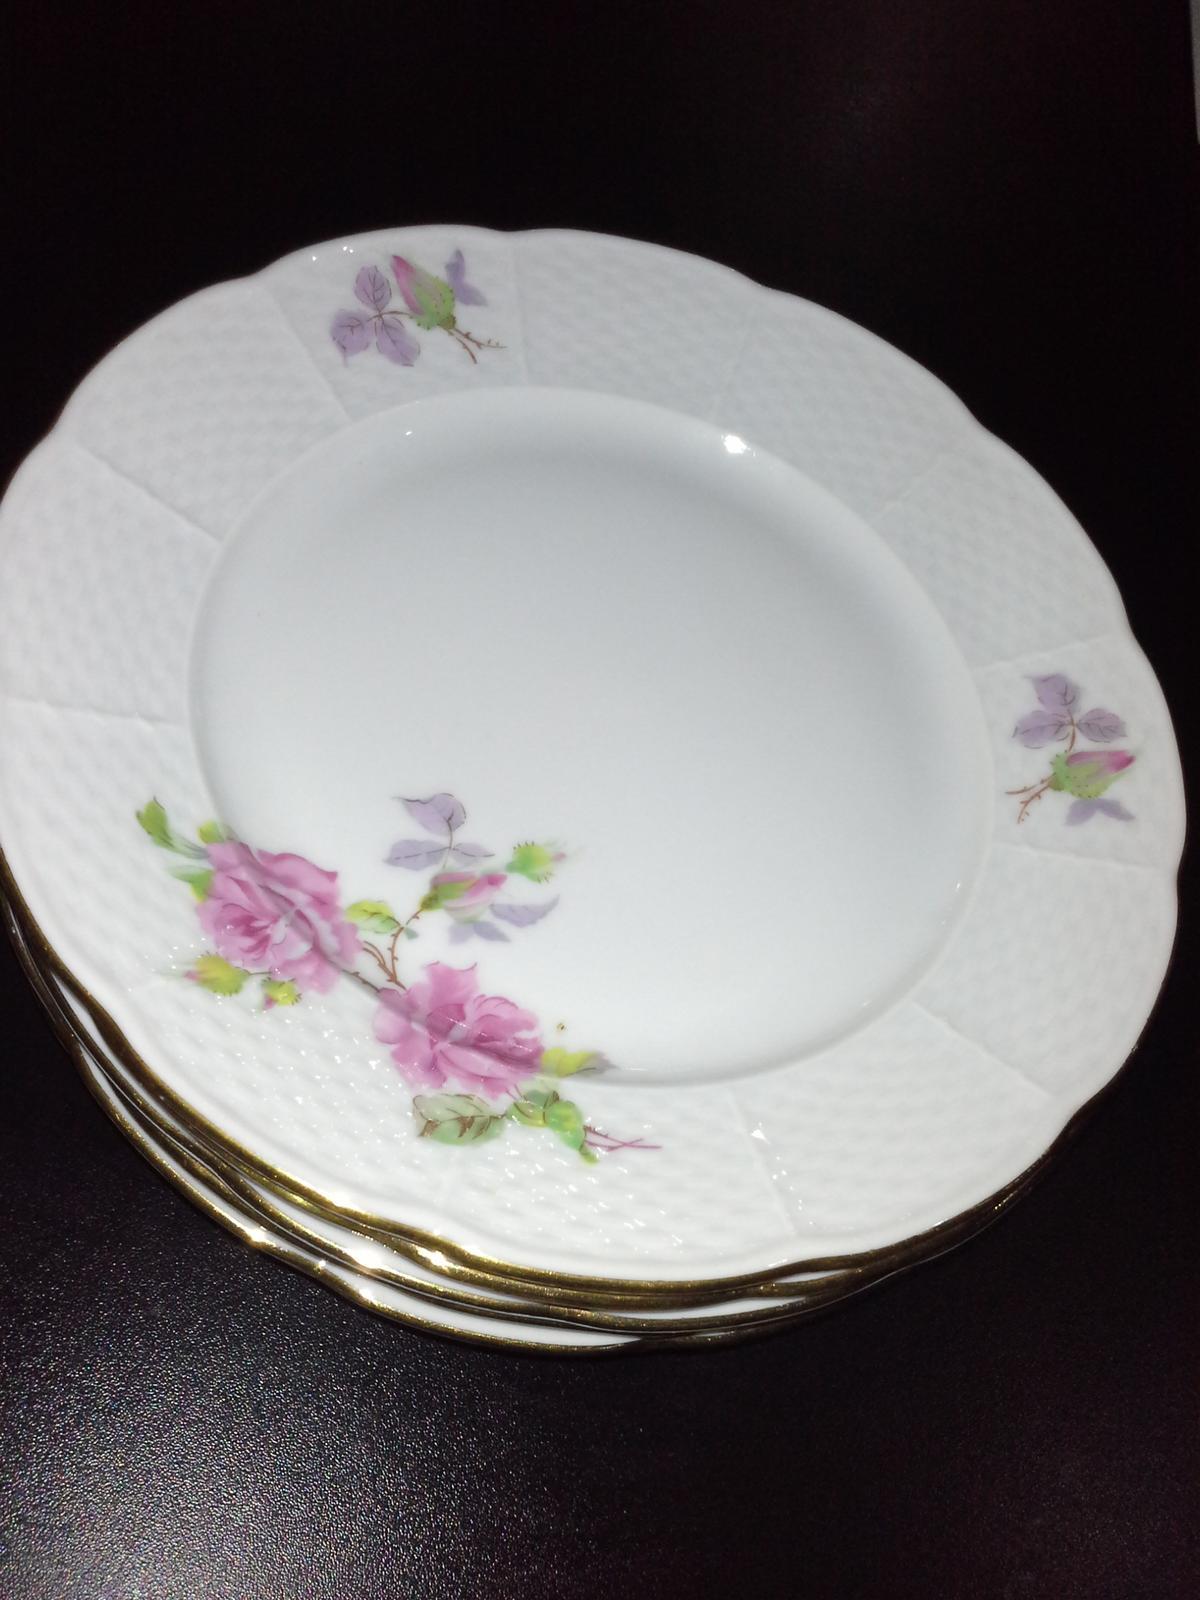 Dezertne taniere - Obrázok č. 1